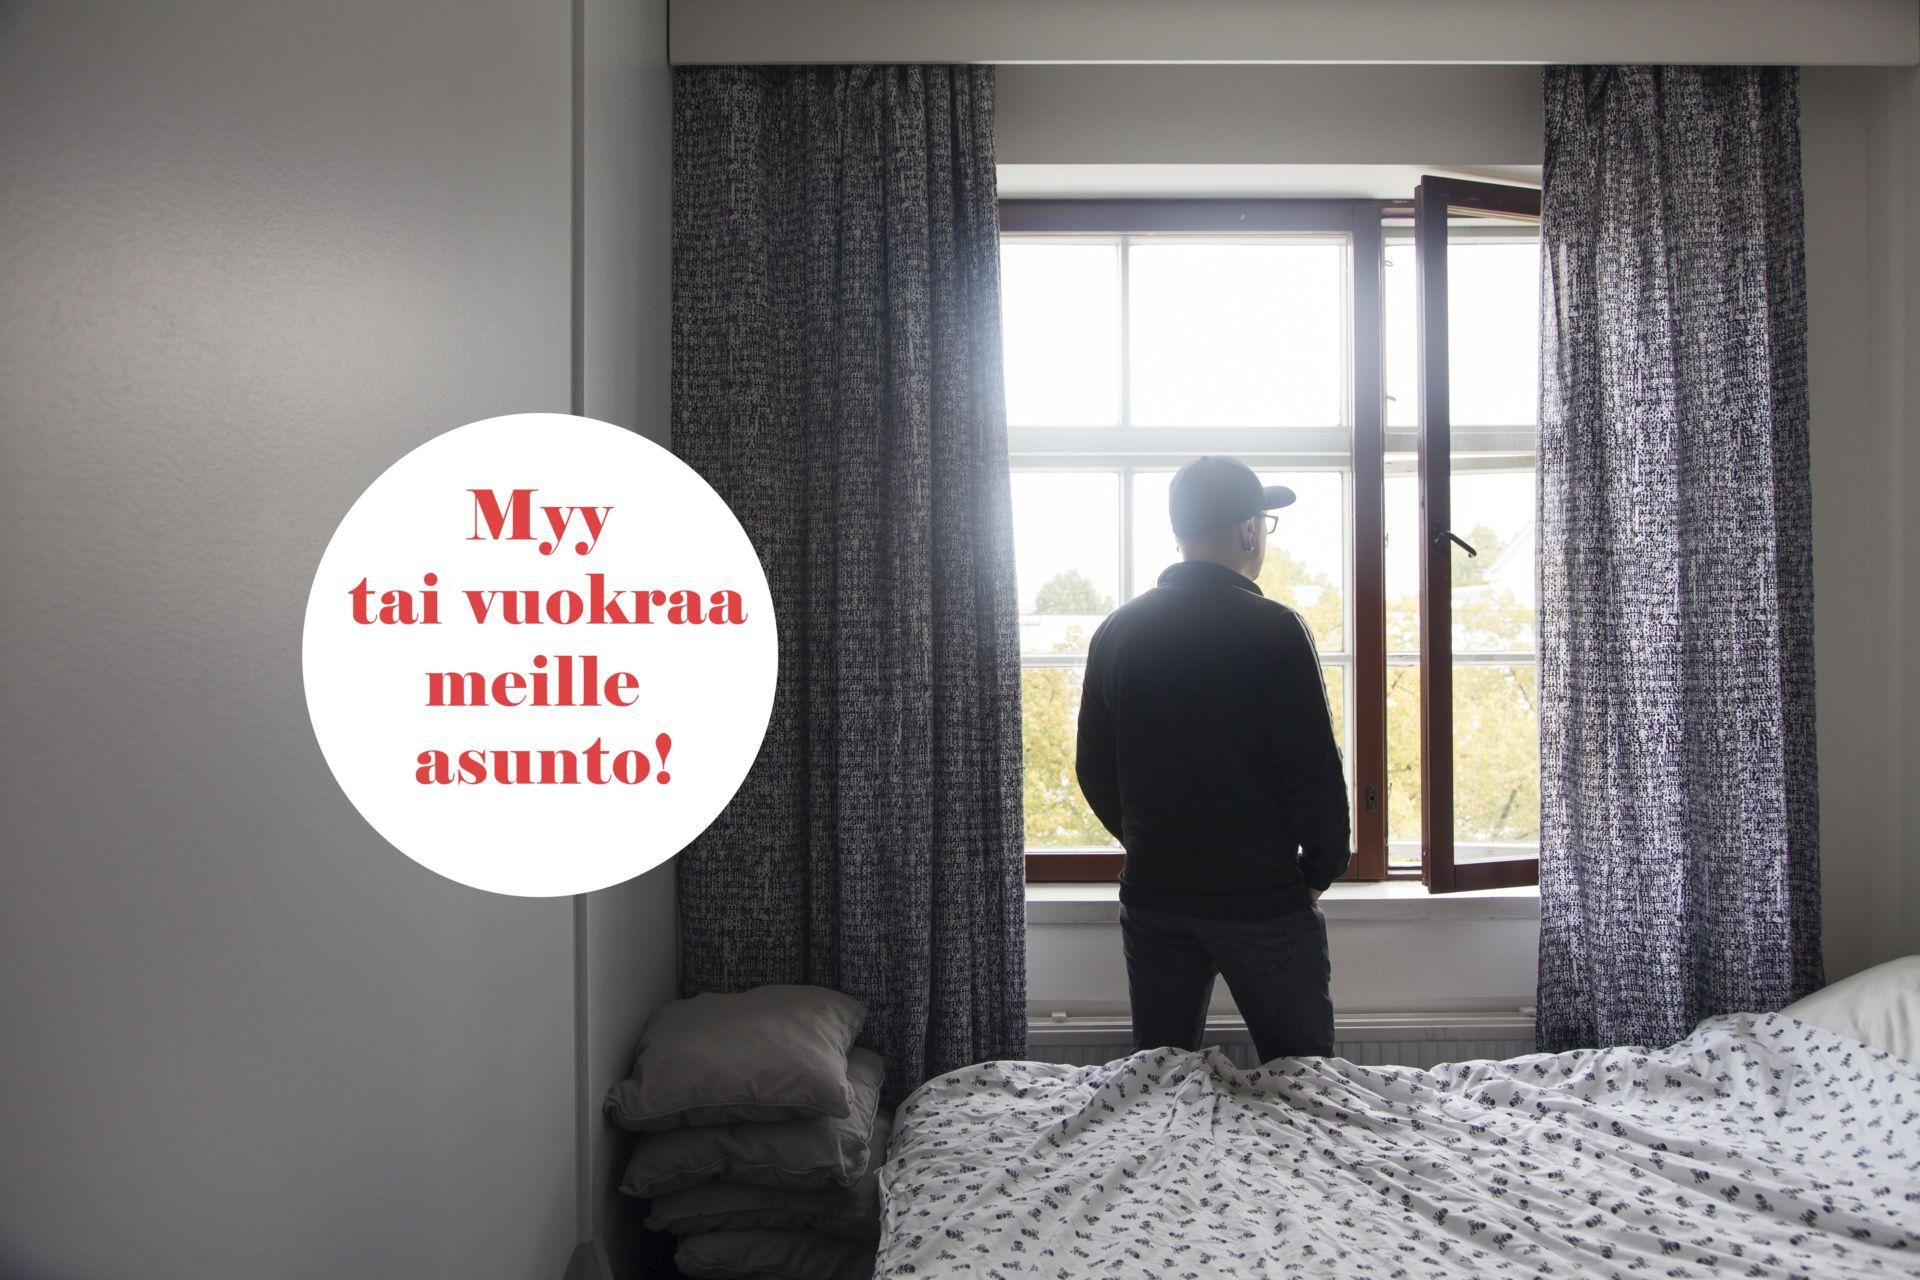 Mies katsoo makuuhuoneen ikkunasta ulos.